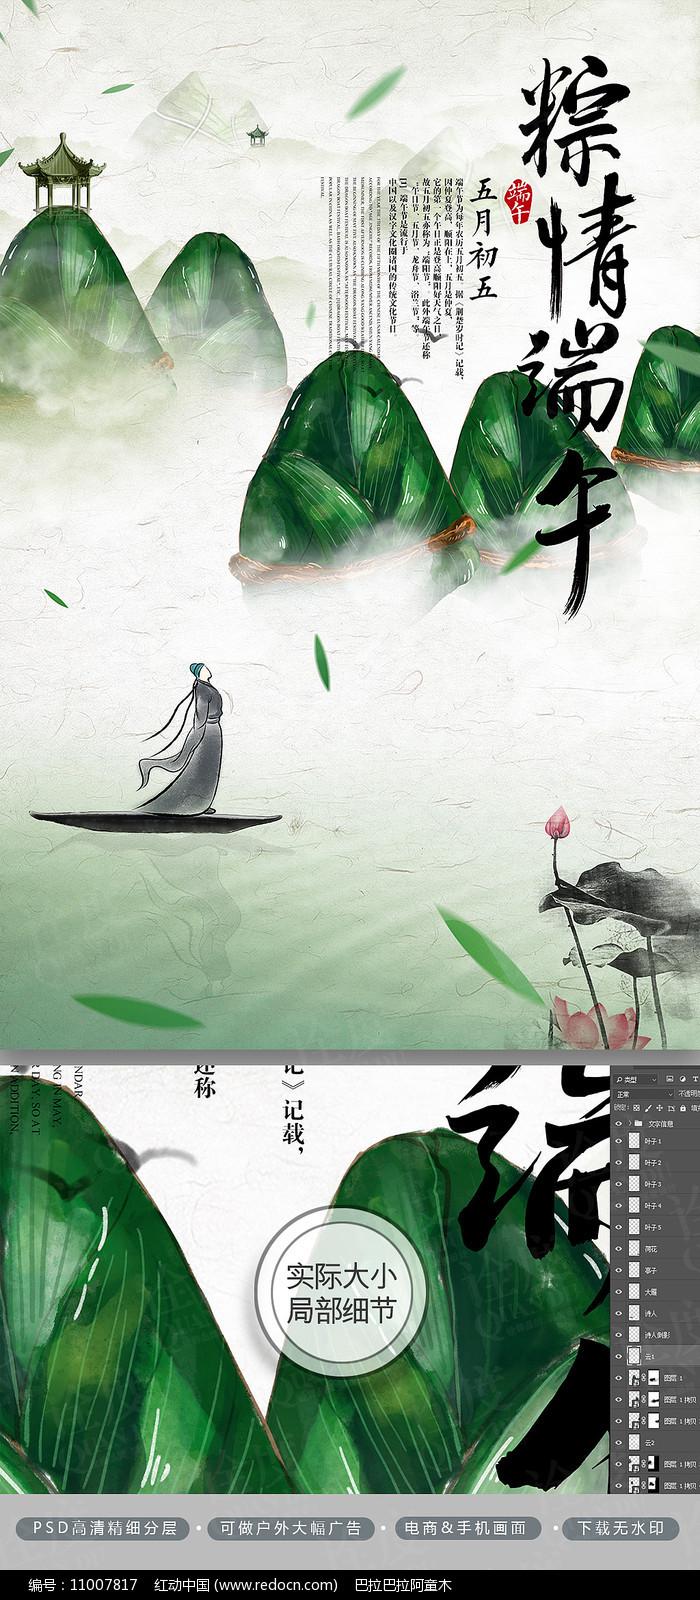 唯美中国风水墨山水端午节粽情端午节海报图片